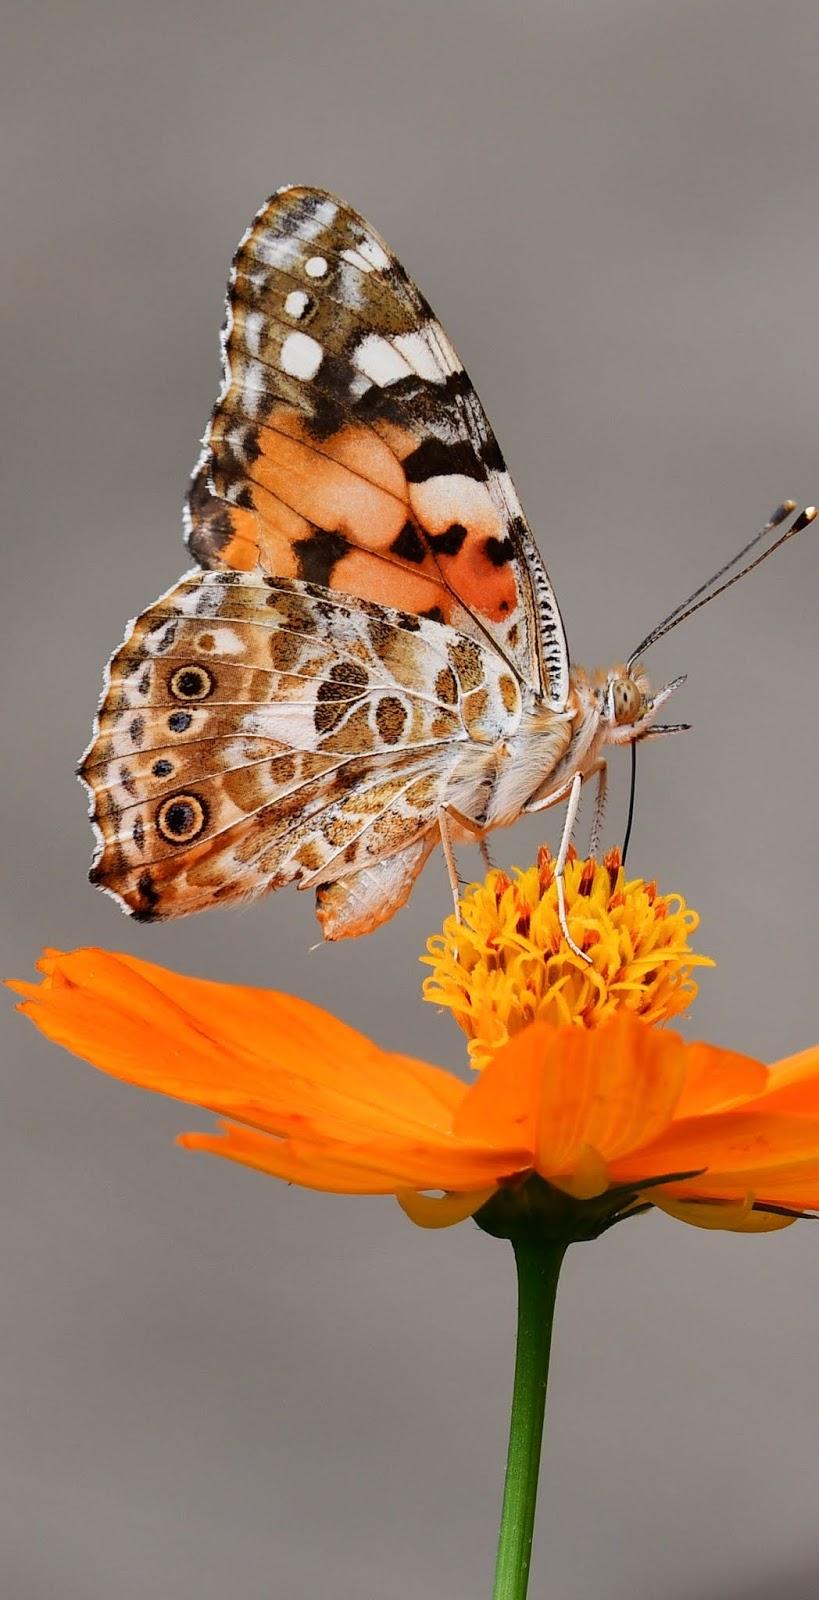 A butterfly on an orange flower.